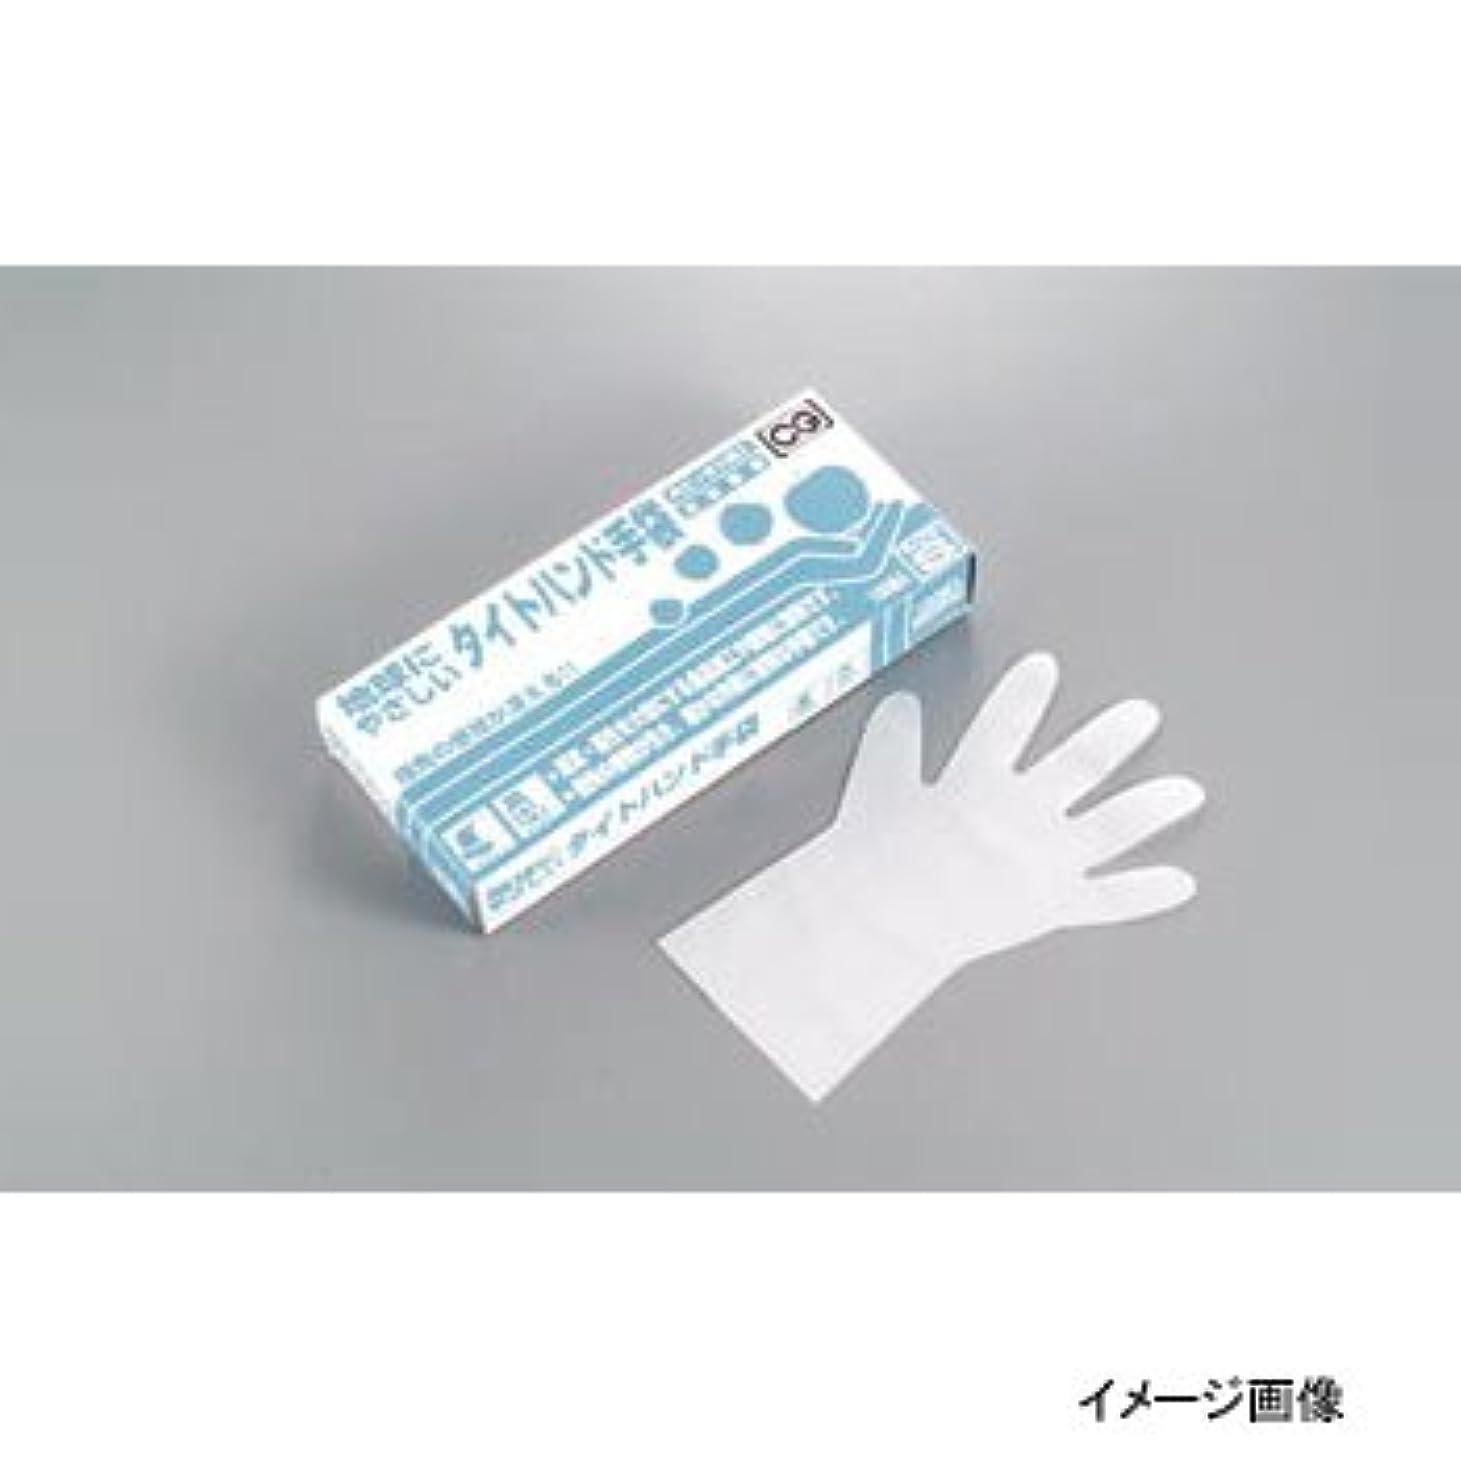 仲介者ジレンマ酔ったシンガータイト ハンド手袋 ブルー箱入 L (100枚入)